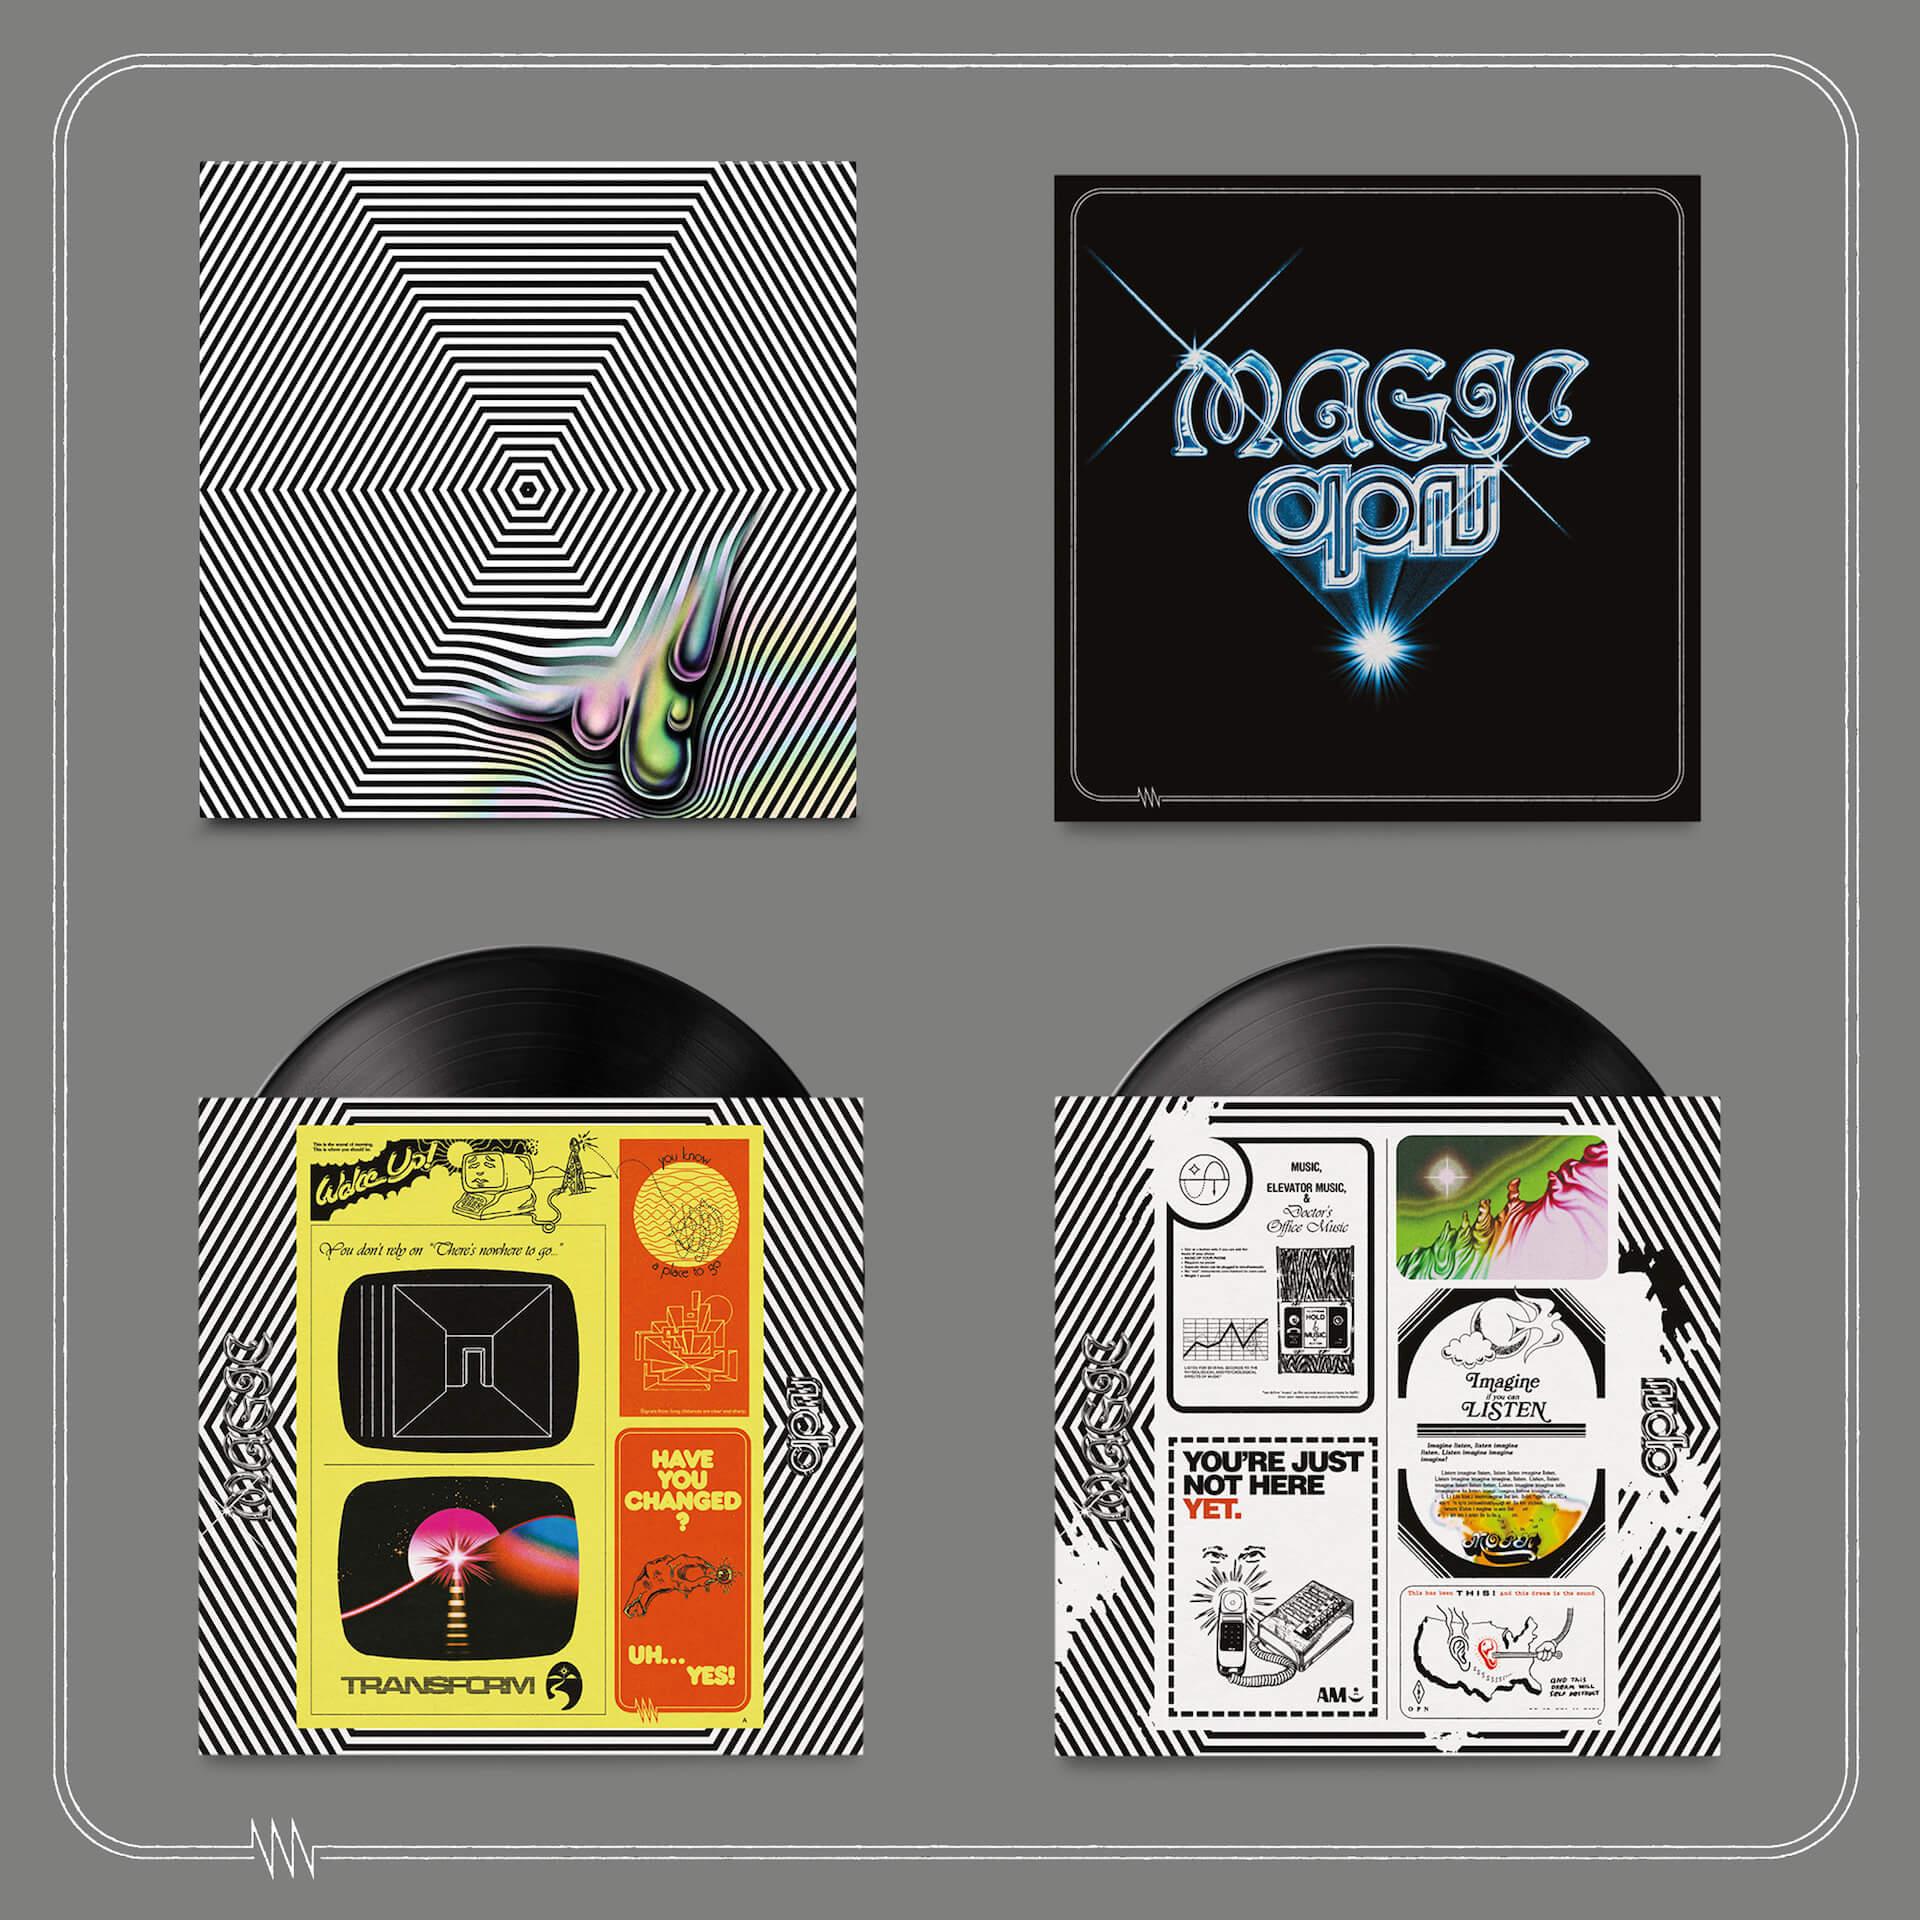 Oneohtrix Point Neverの新アルバム『Magic Oneohtrix Point Never』がリリース決定!シングル3曲をまとめたパッケージが公開 music200924_opn_16